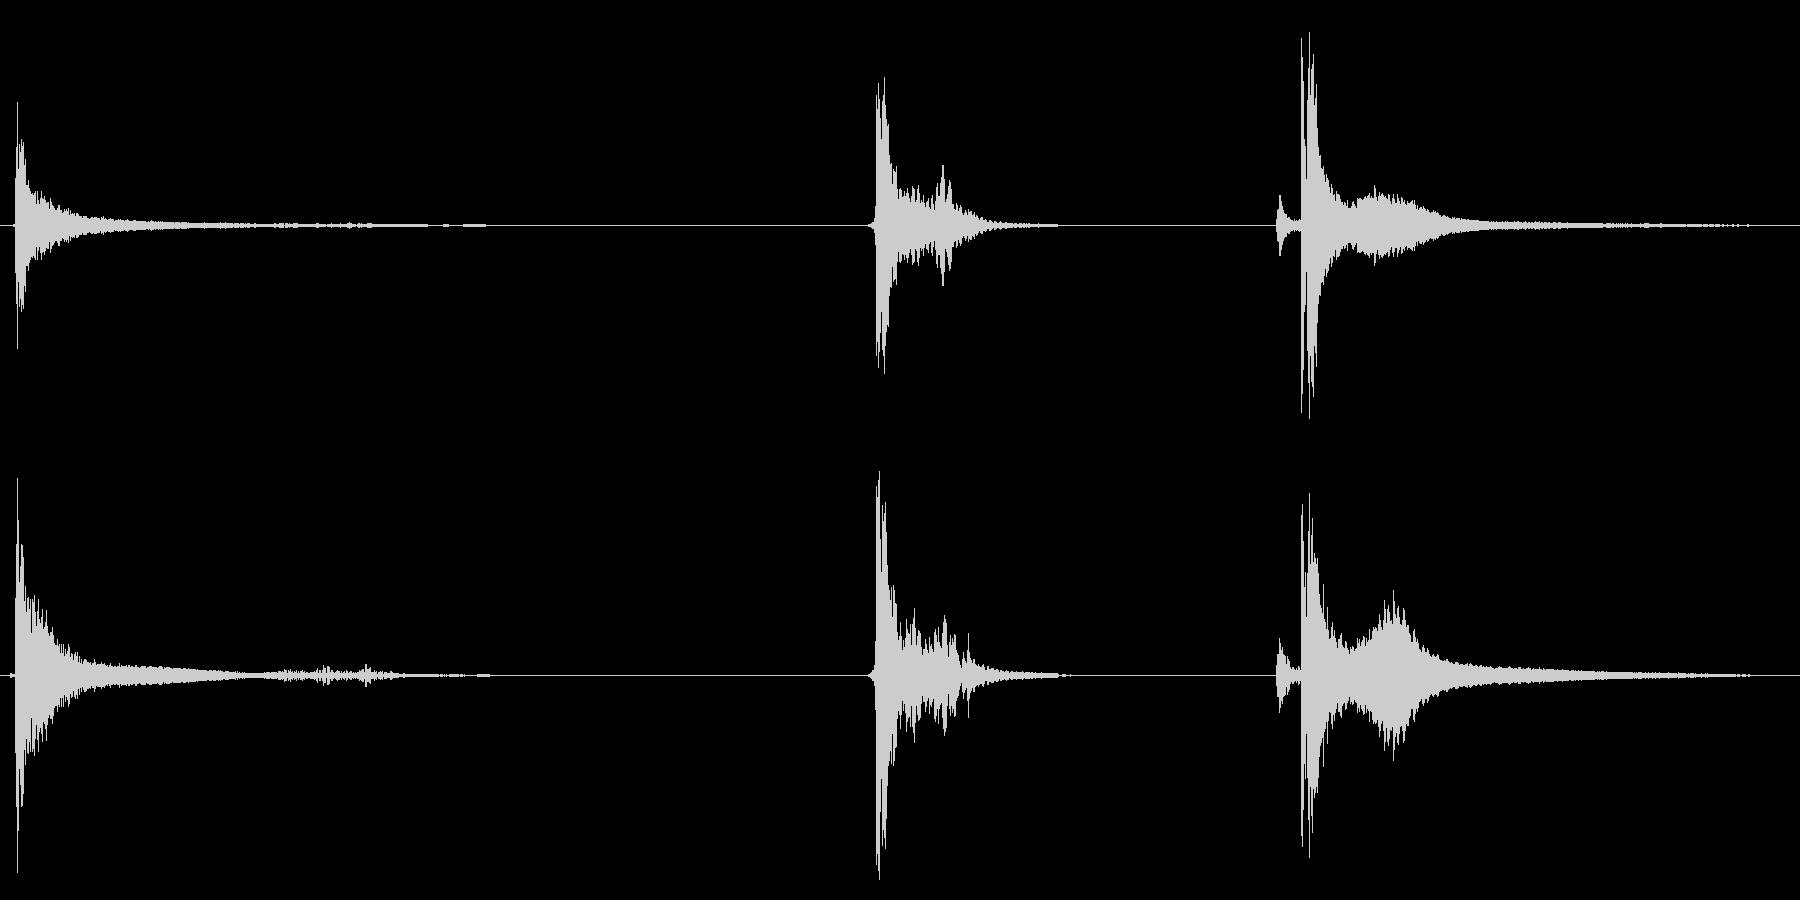 シャベル、メタル、ヒット、ヘビーx3の未再生の波形